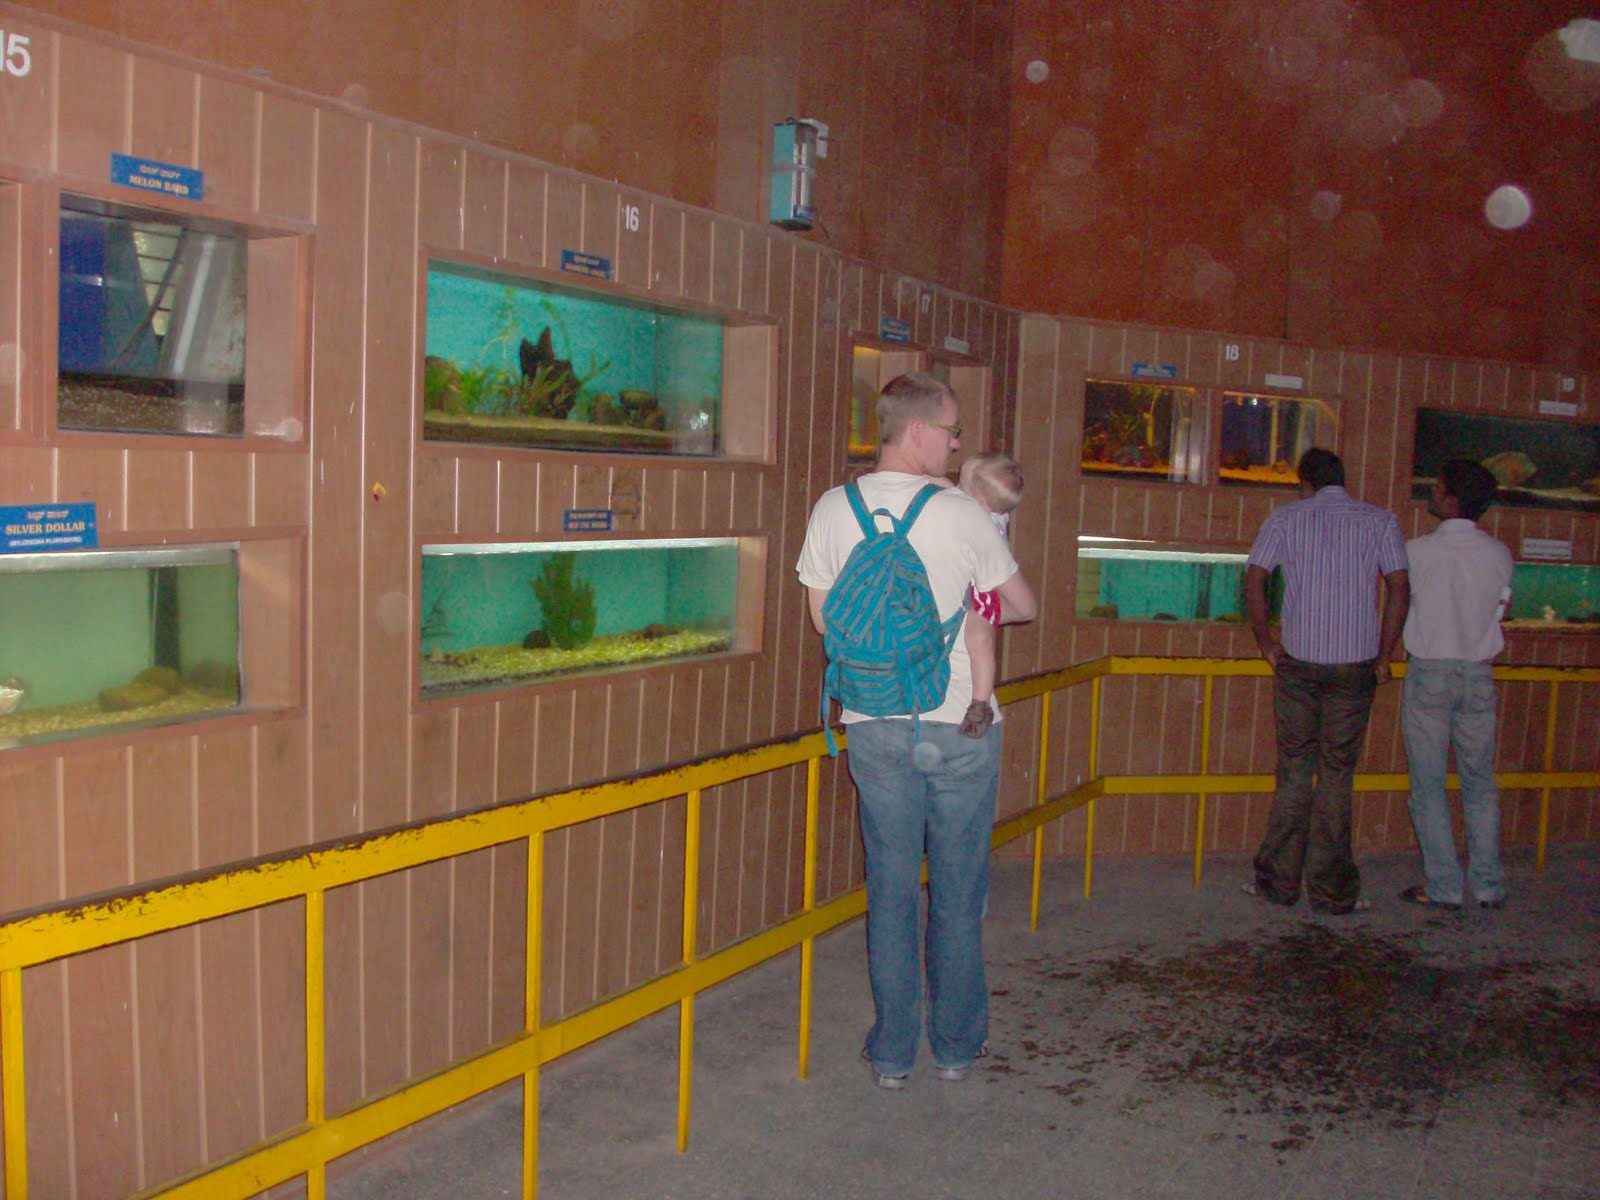 Fish aquarium in bangalore - High Court Of Karnataka